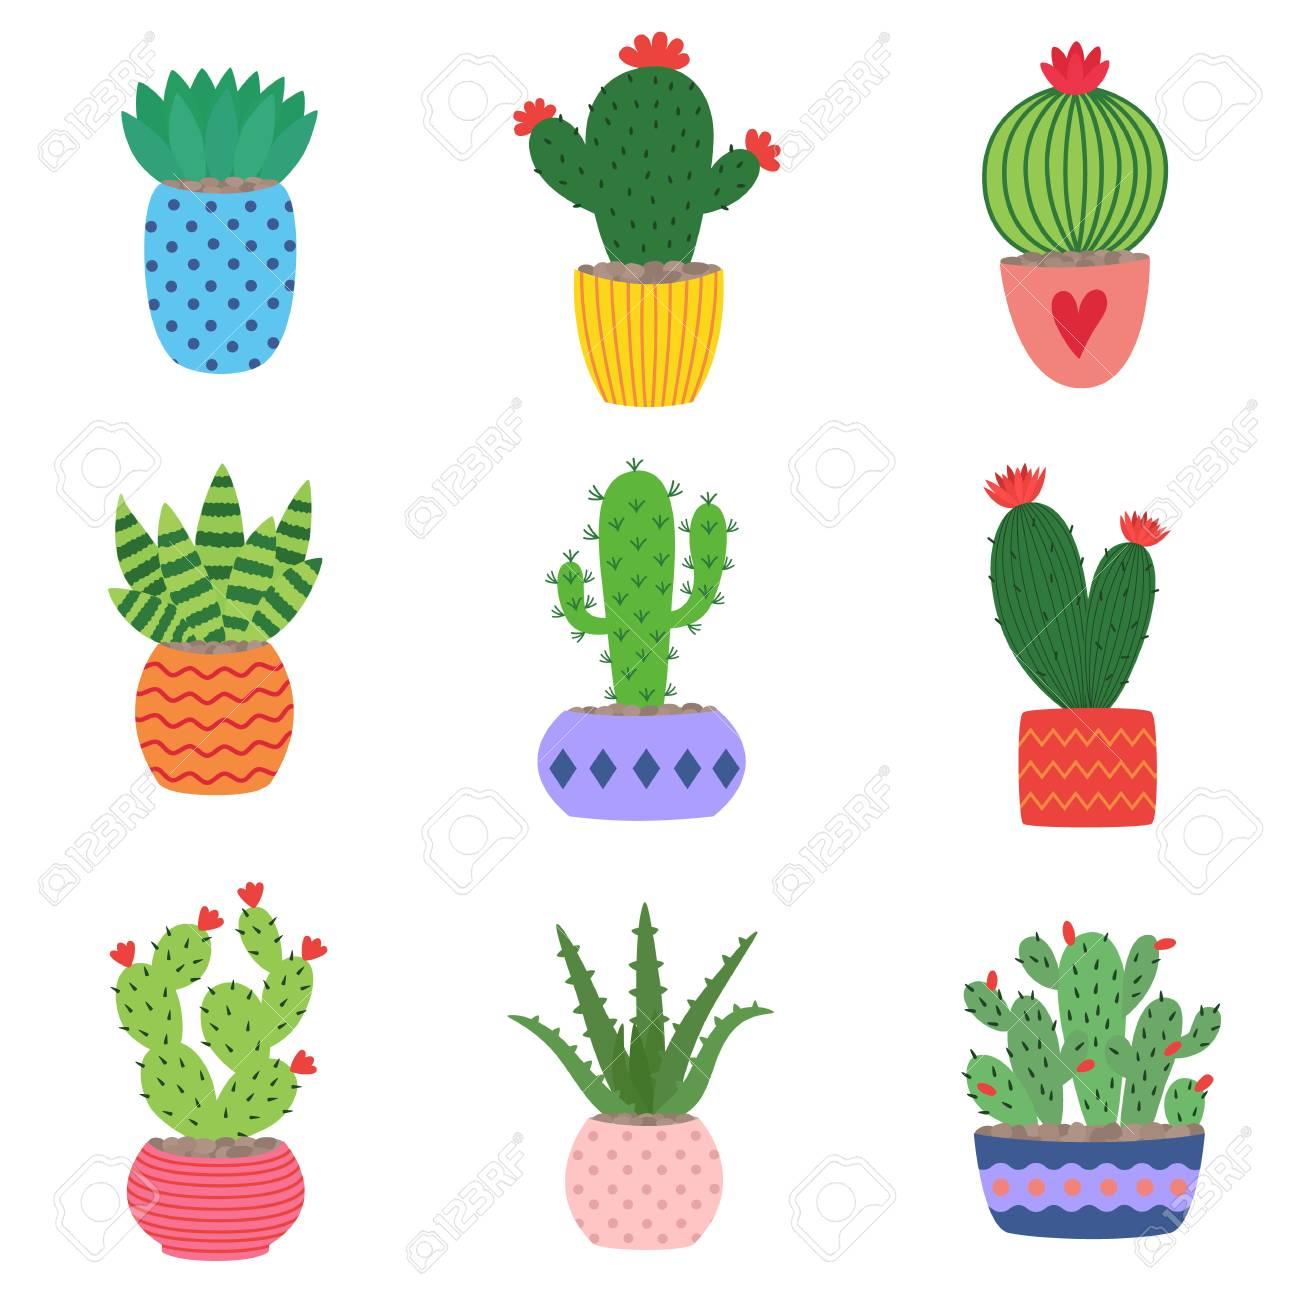 鍋のサボテンと多肉植物手描きのサボテンや多肉植物のかわいい小さな鉢